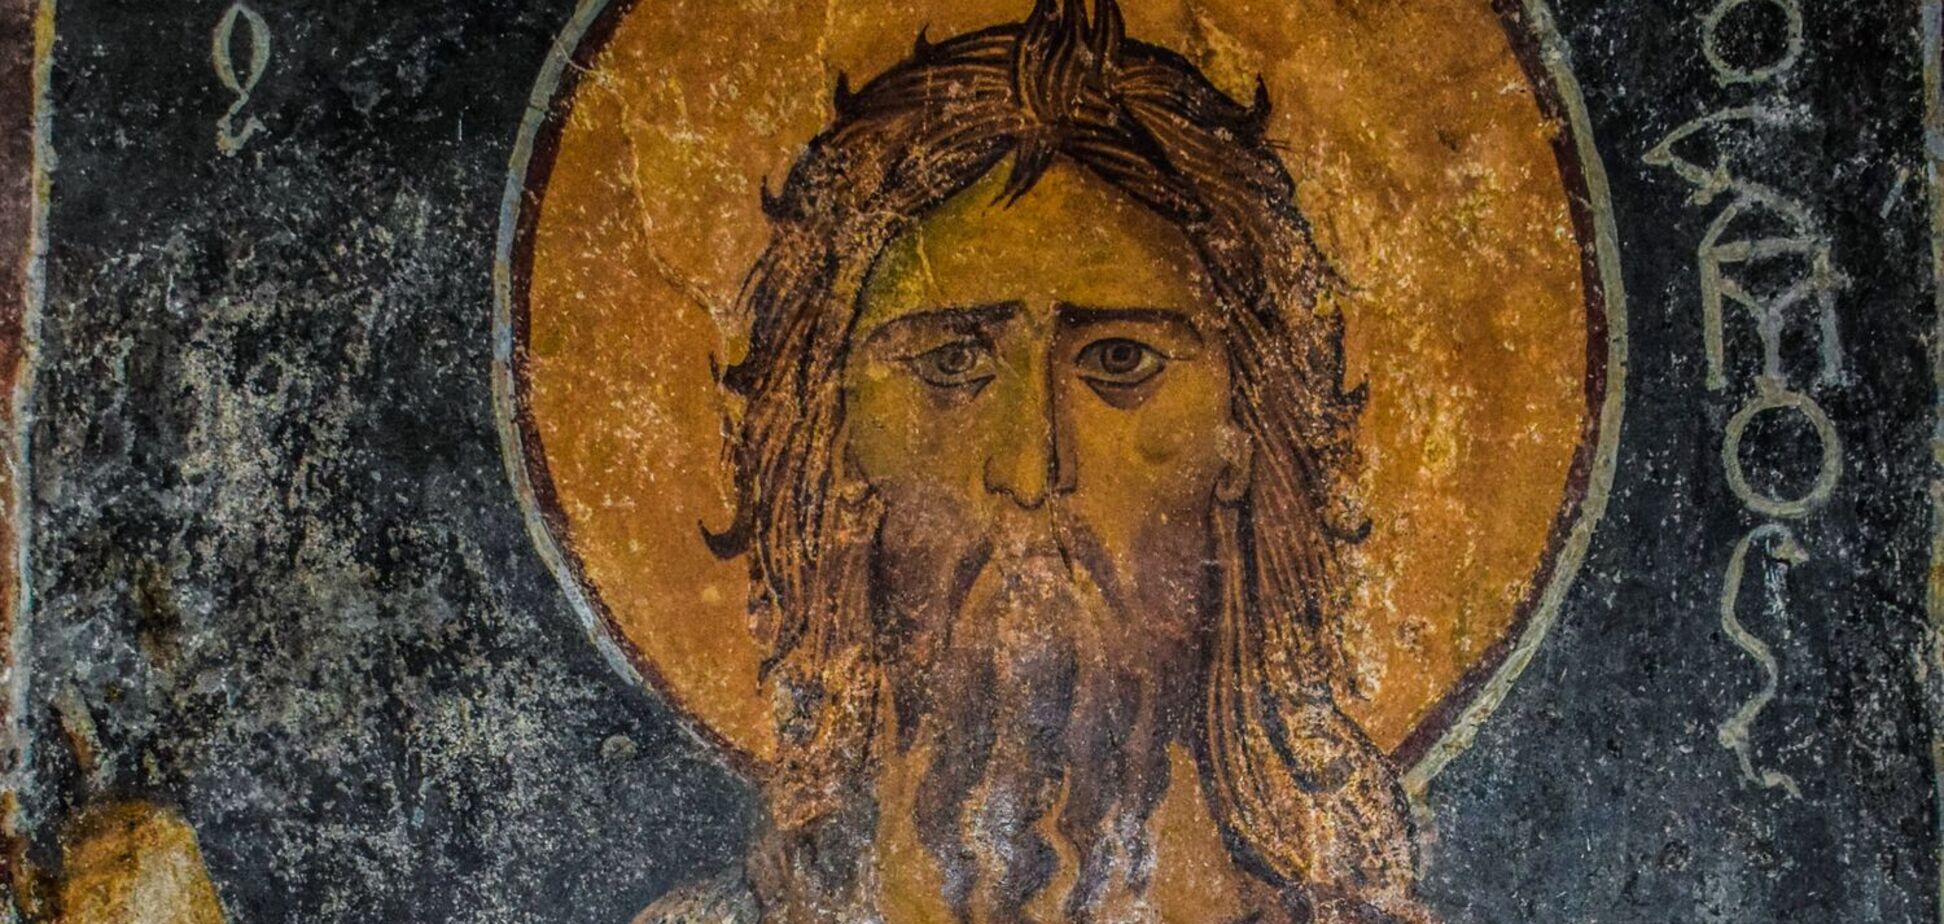 6 жовтня відзначається Зачаття Іоанна Предтечі